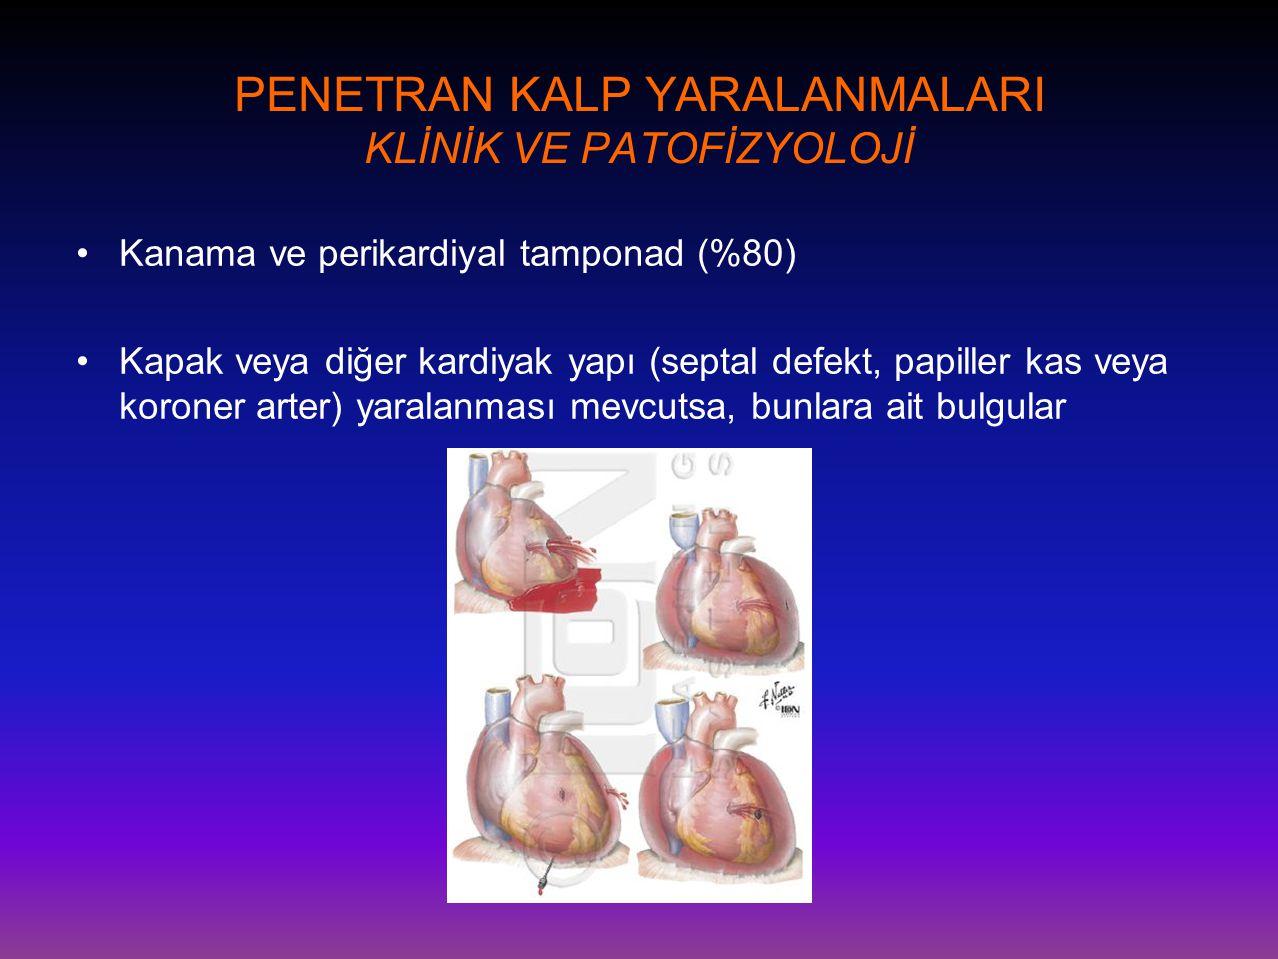 PENETRAN KALP YARALANMALARI KLİNİK VE PATOFİZYOLOJİ •Kanama ve perikardiyal tamponad (%80) •Kapak veya diğer kardiyak yapı (septal defekt, papiller ka